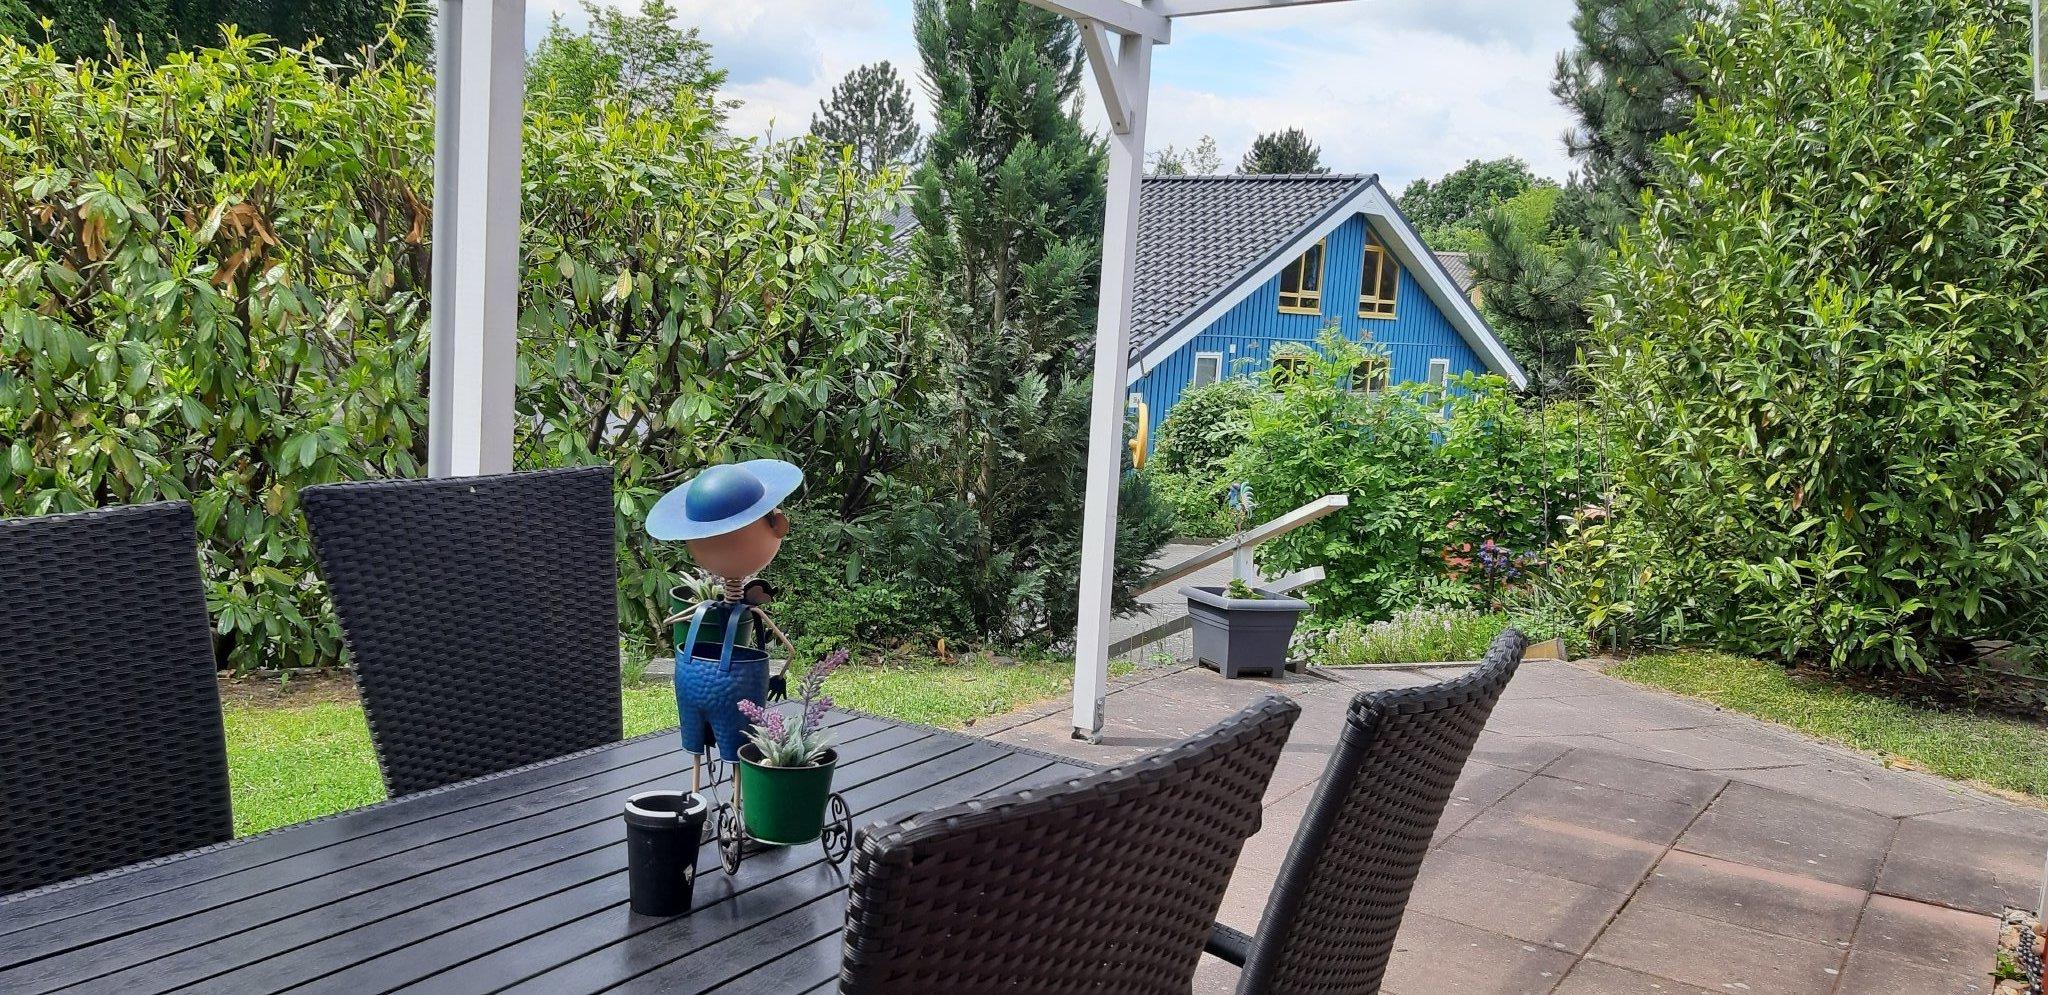 - Kaminofen / Zugang zur Terrasse -